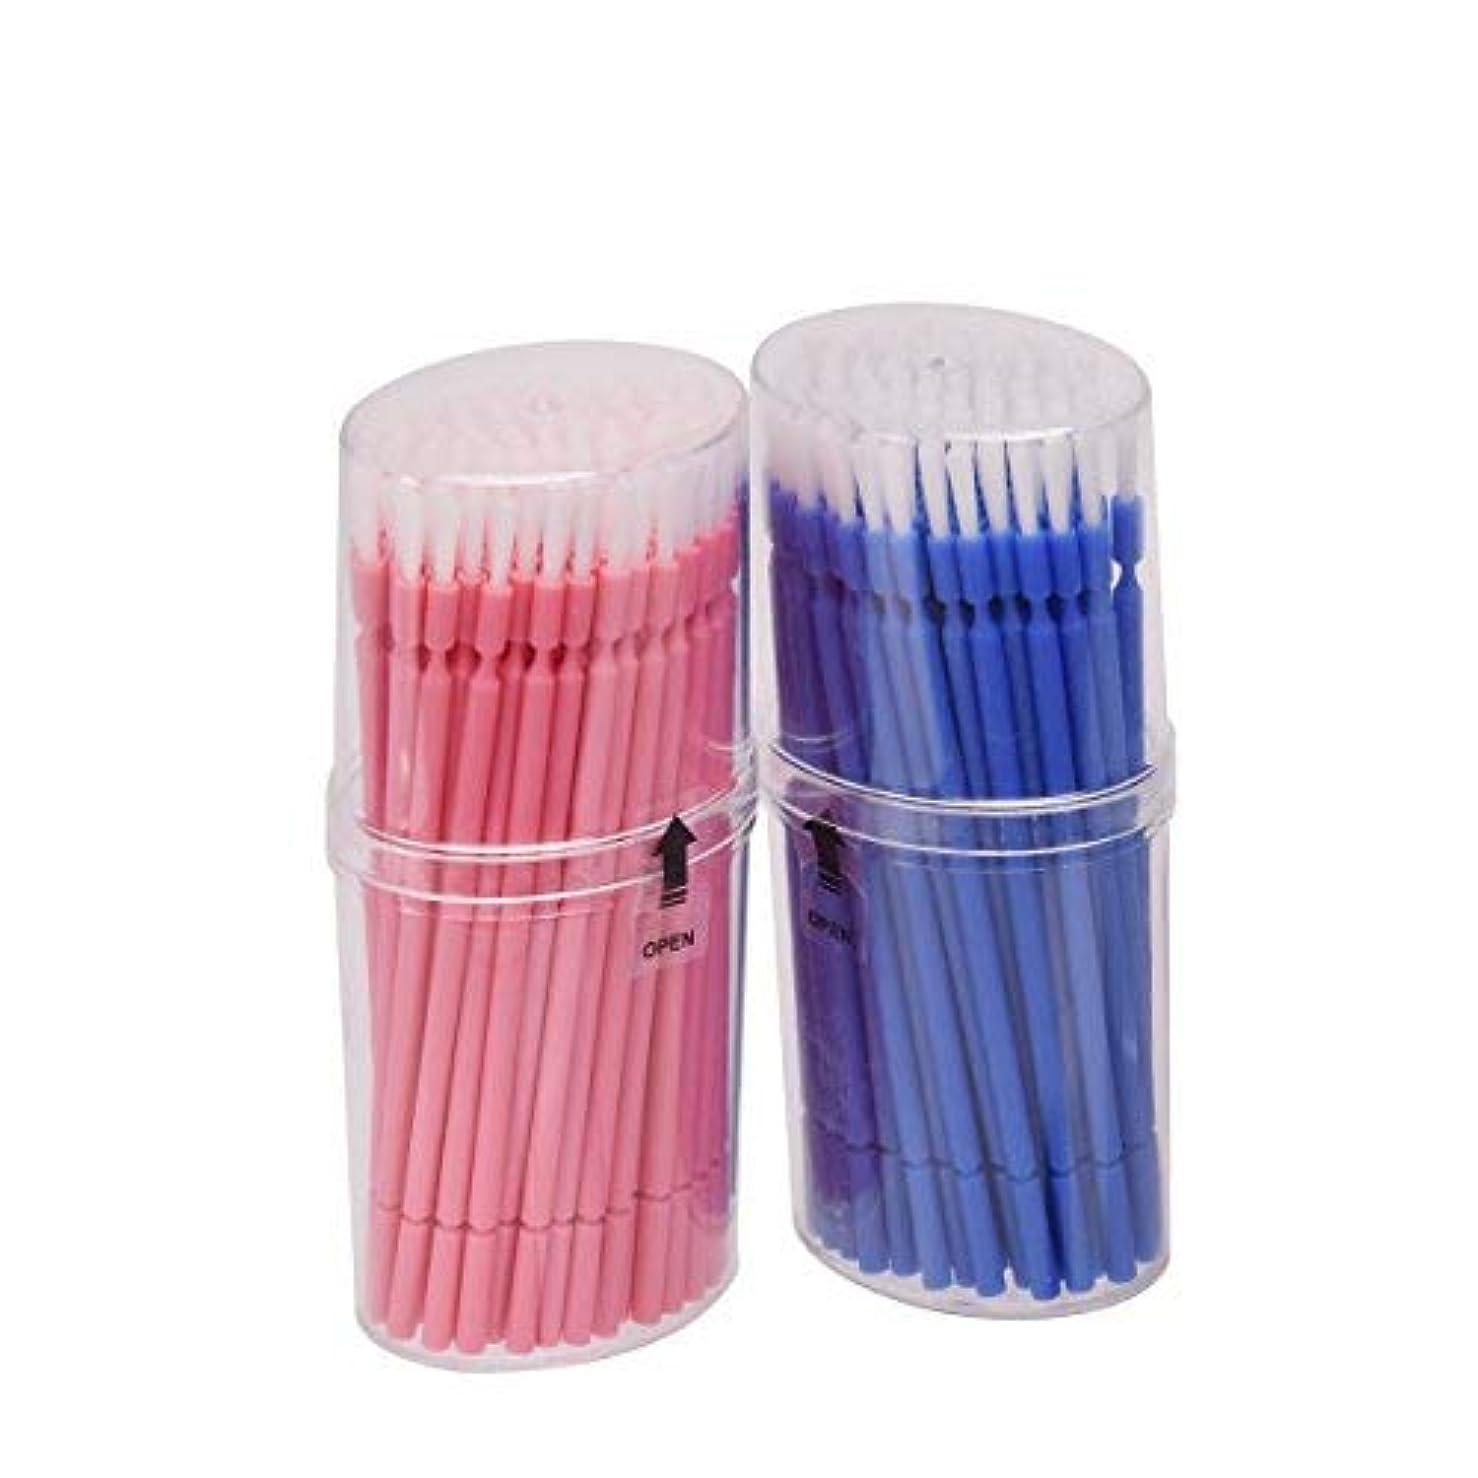 所有権絡まる味わうマイクブラシ 歯科ブラシ 精密機器の細部の清掃など 幅広く使える 使い捨て 4 * 100=400本入り Annhua